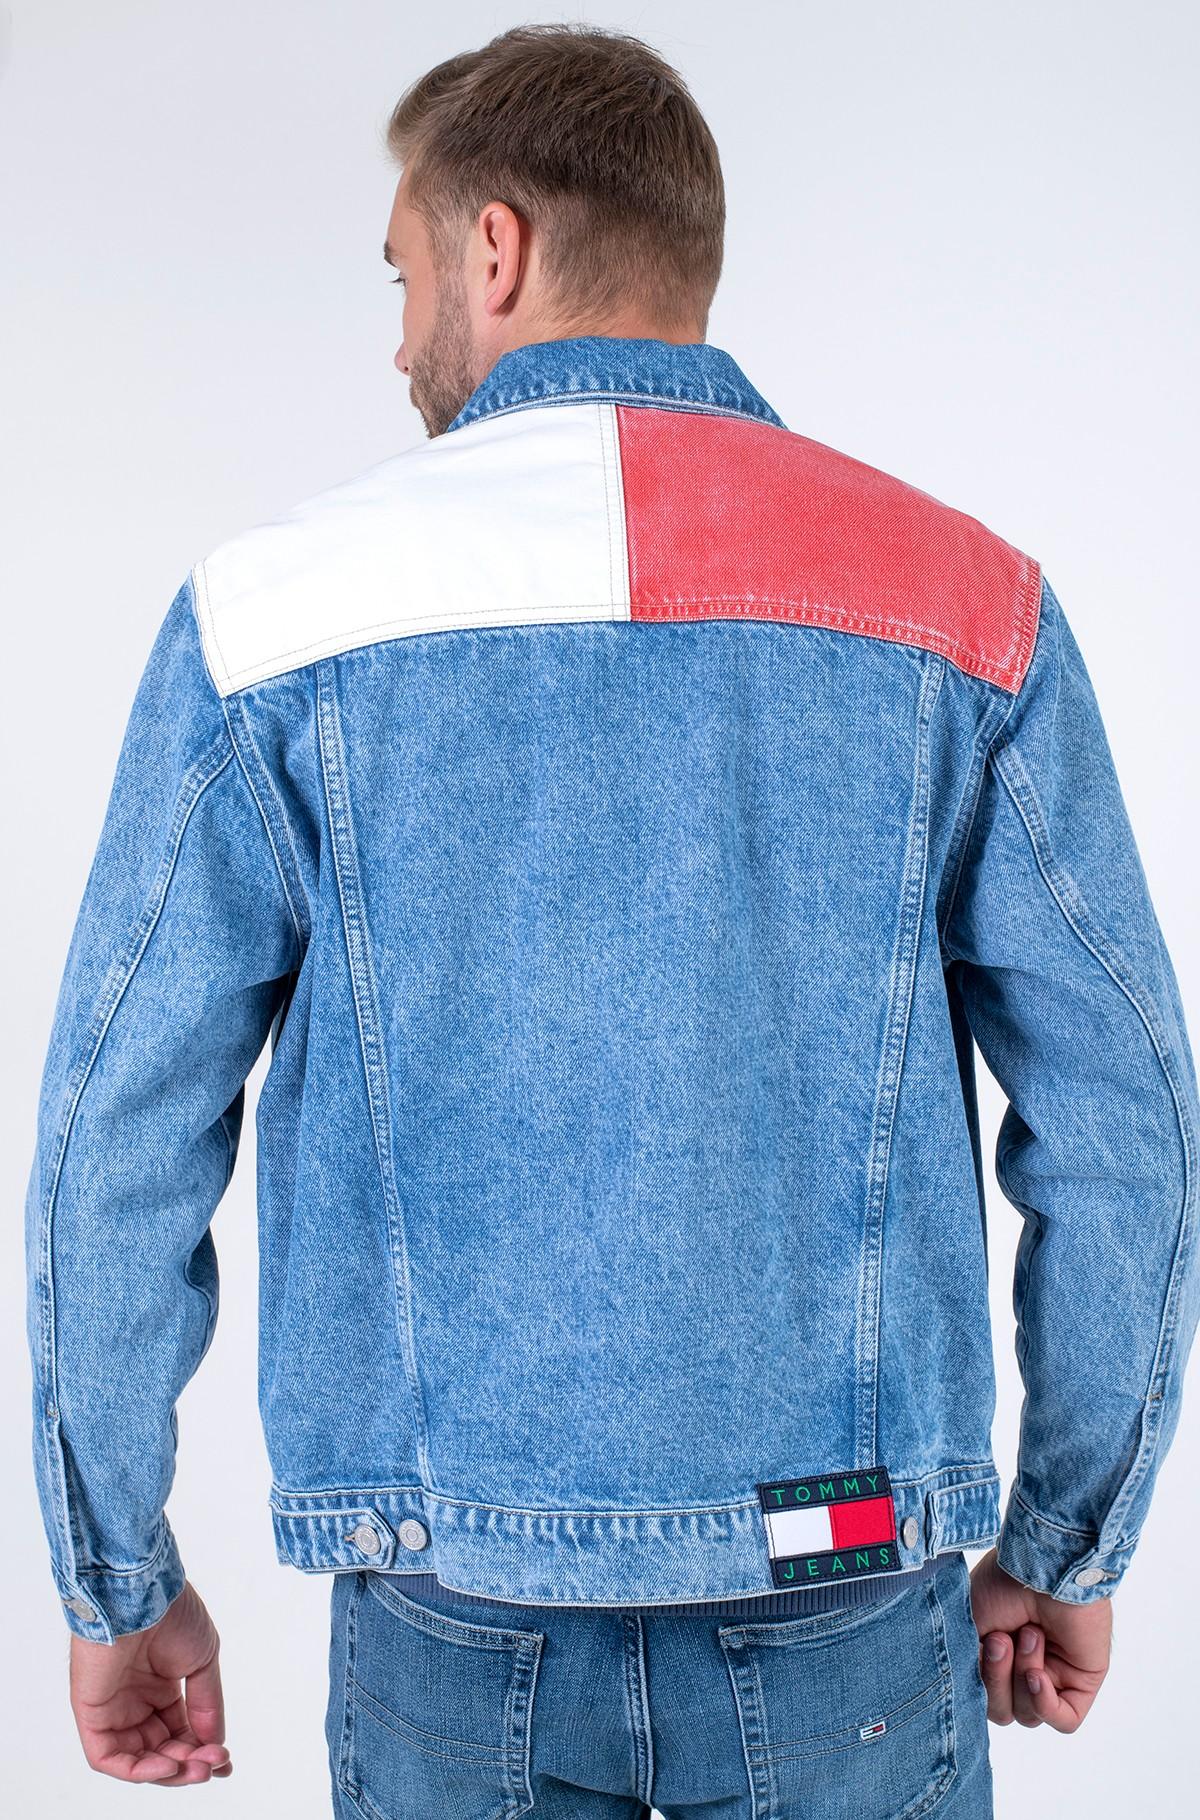 Denim jacket OVERSIZE TRUCKER JK AE712 SVLBRD-full-2